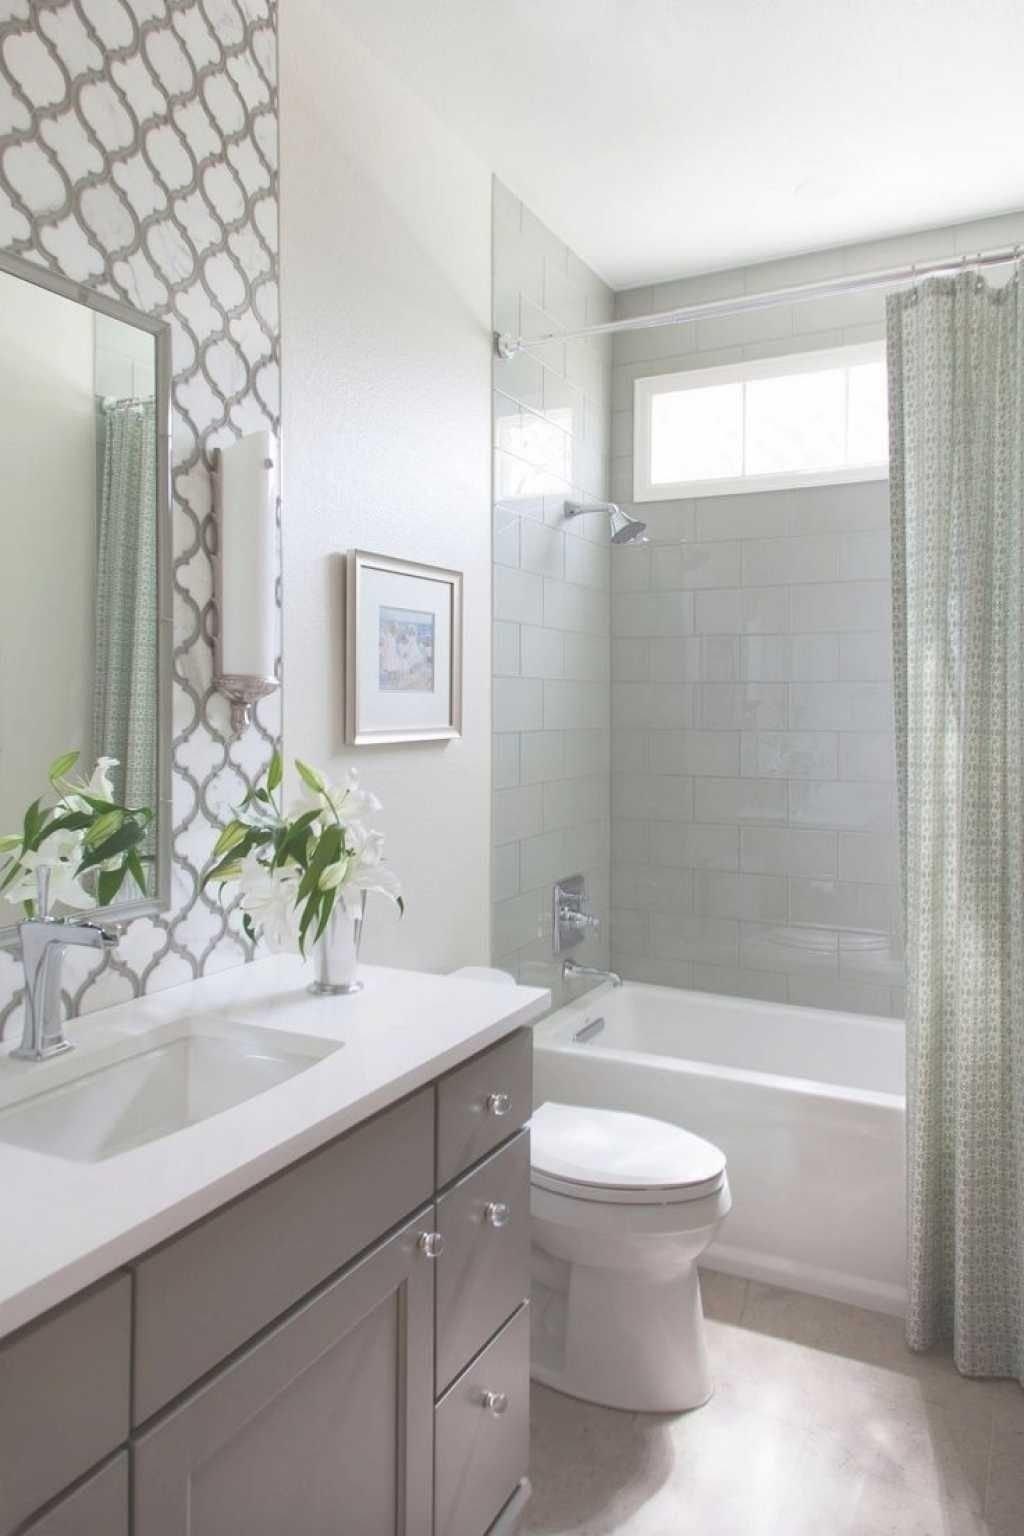 10 Unique Ideas For Small Bathroom Remodel pinarchitecture design magz on bathroom design ideas pinterest 3 2021